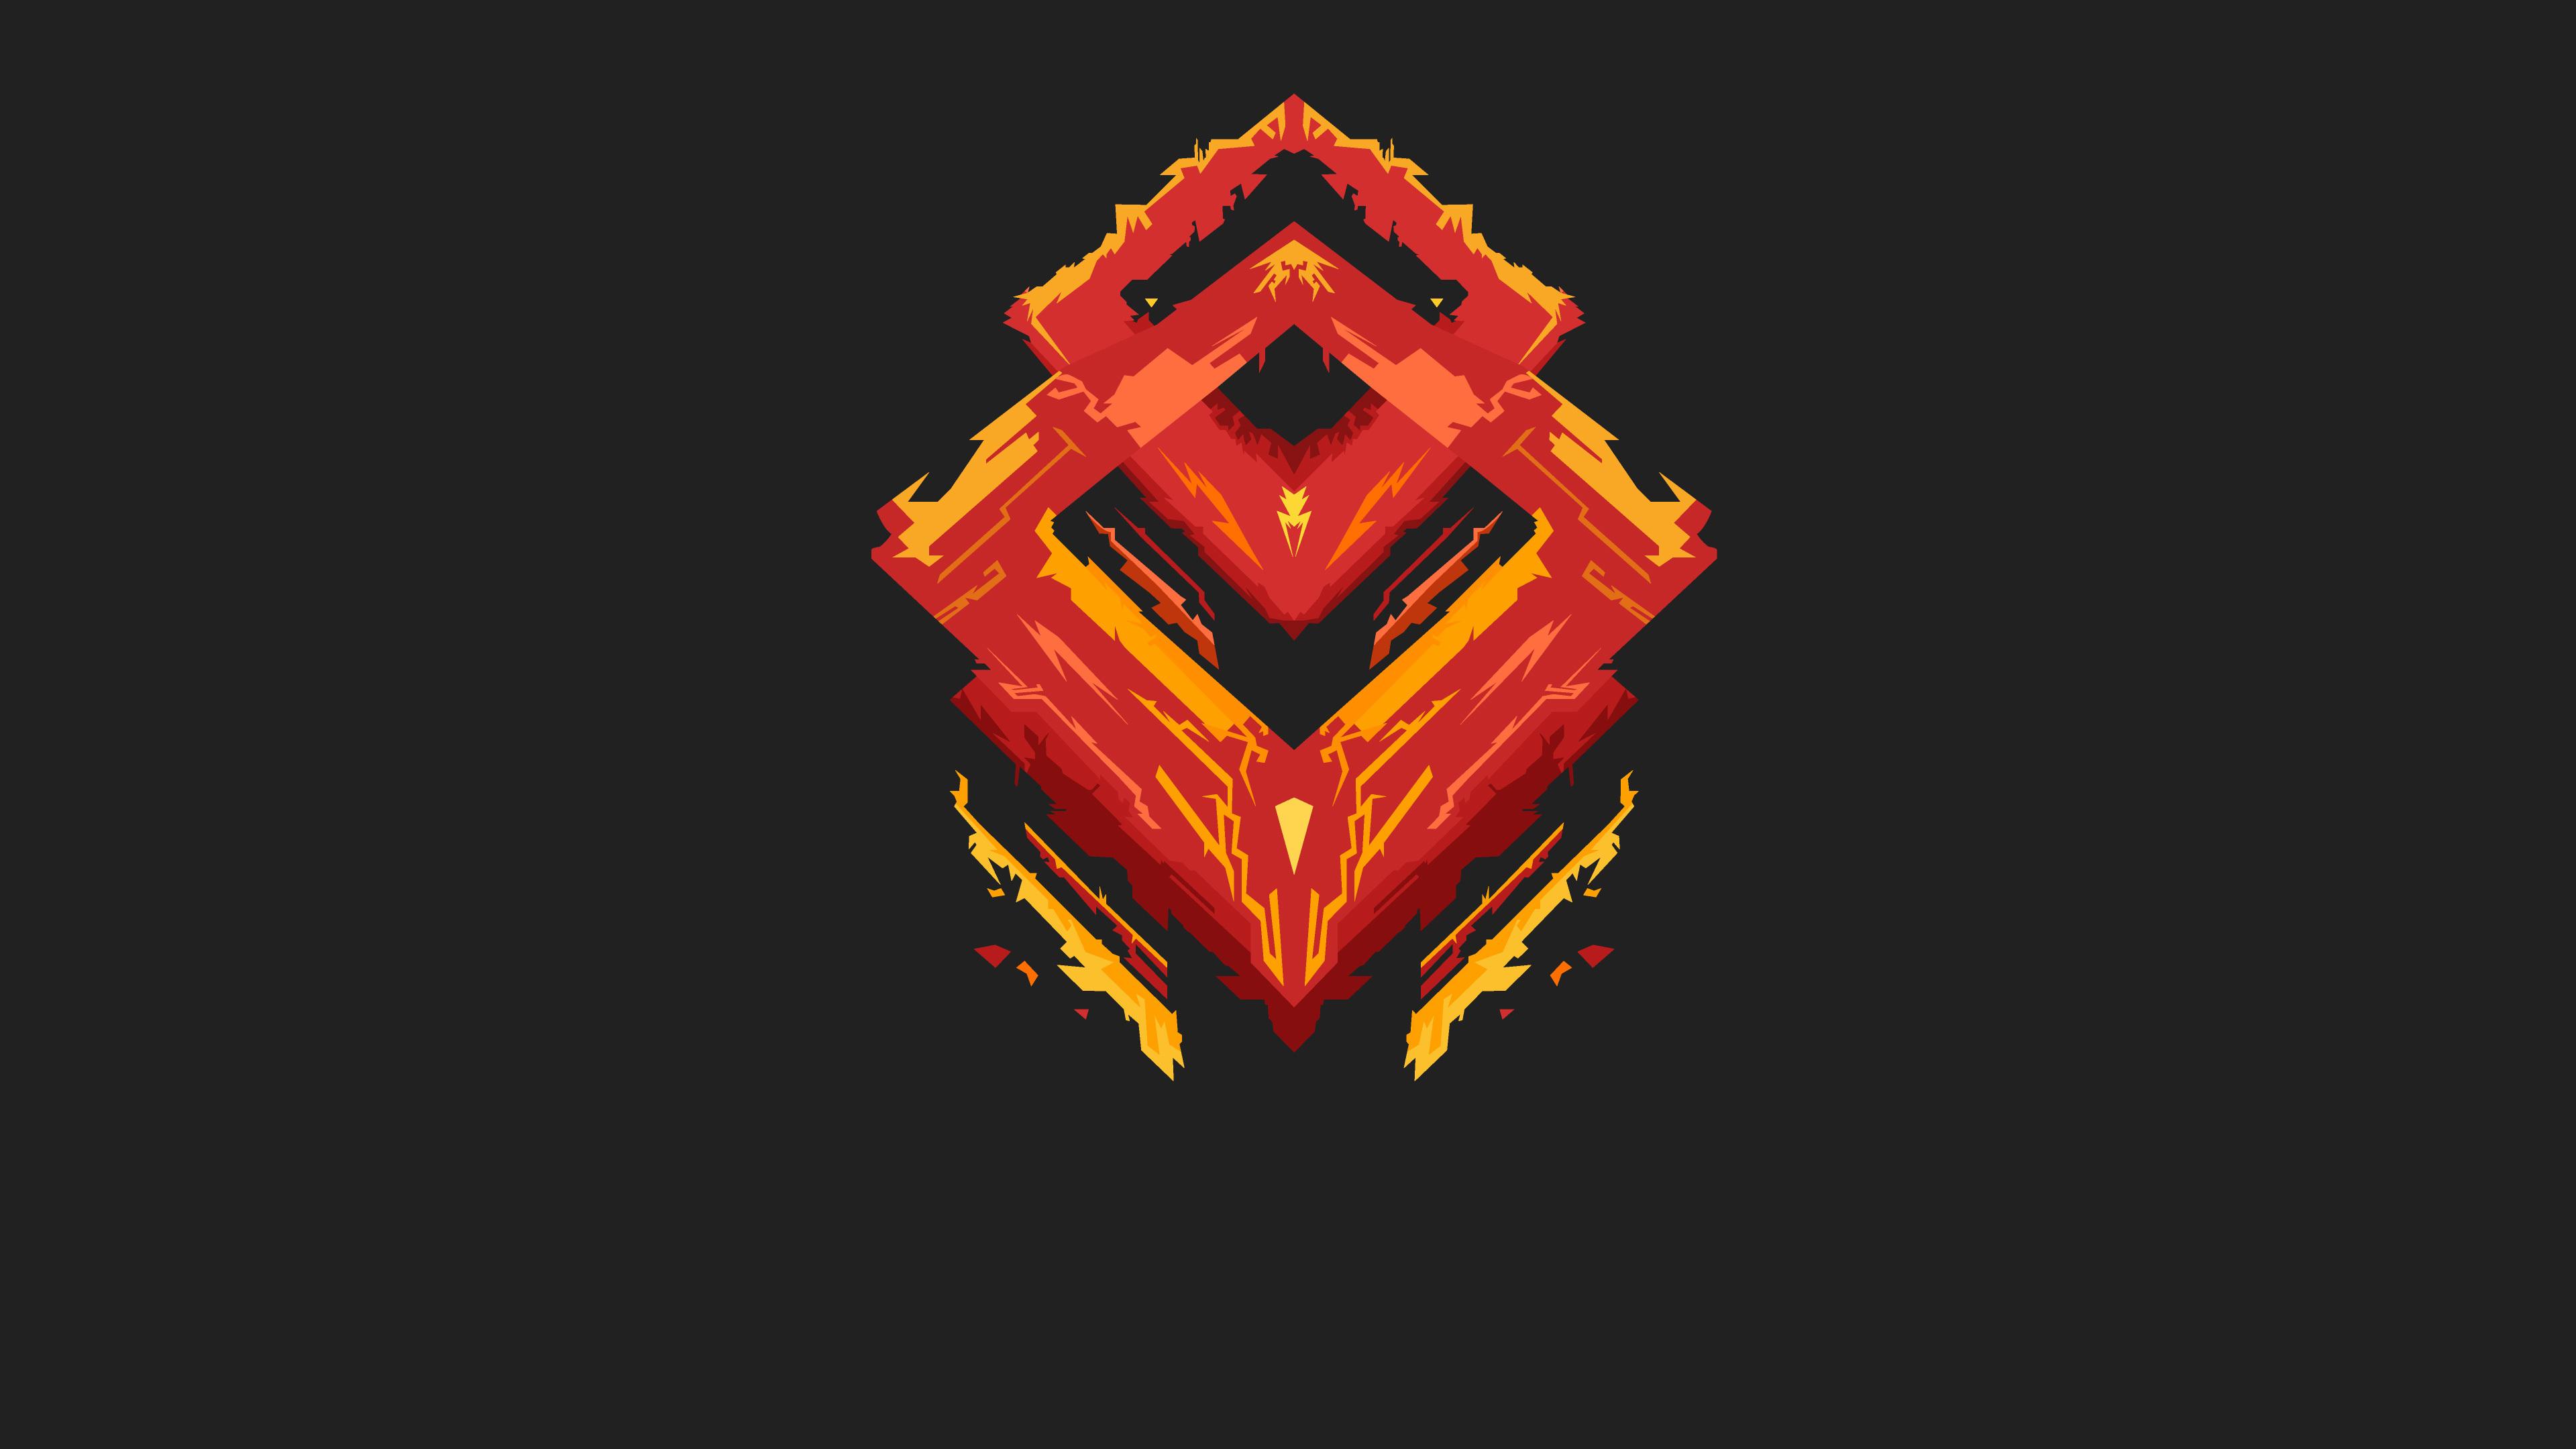 Download Devil Logo Minimalism 3840x2160 Resolution, HD 4K ...